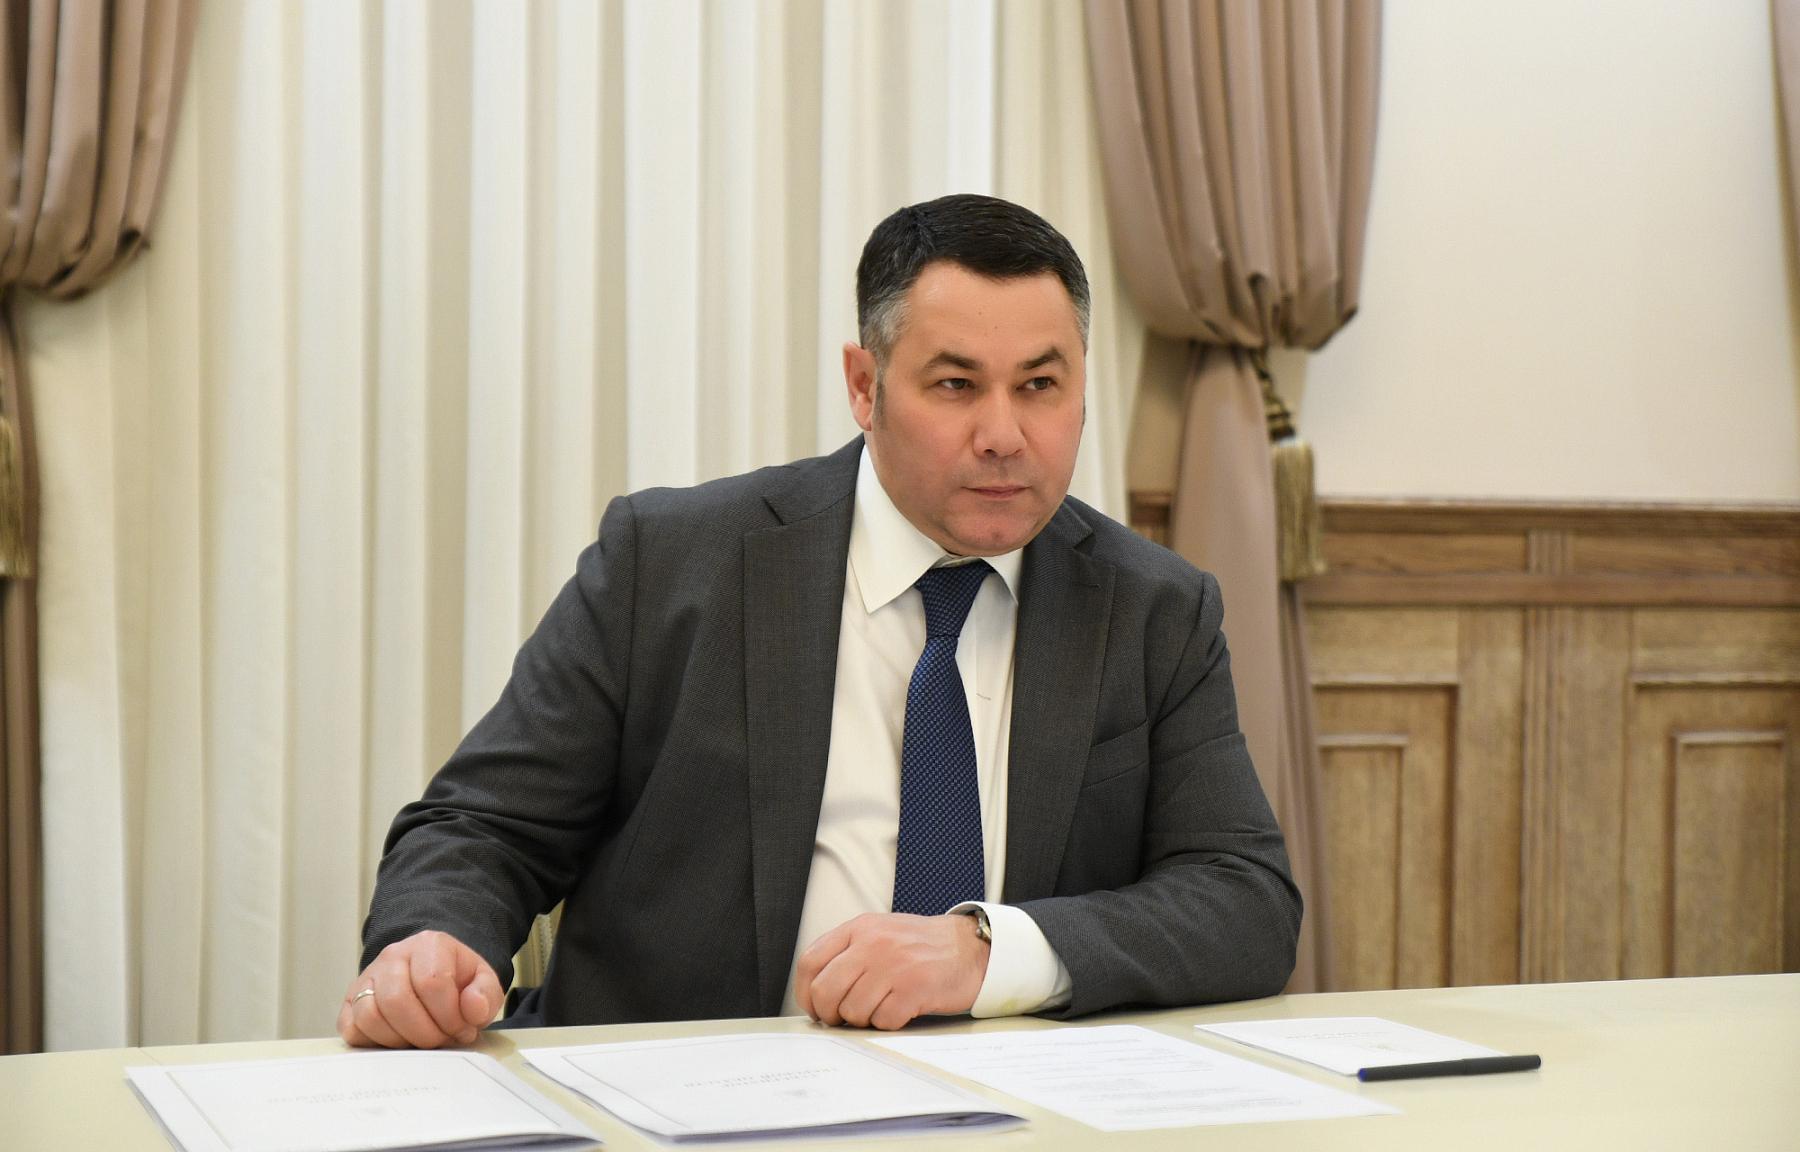 Губернатор встретился с главой Торопецкого района